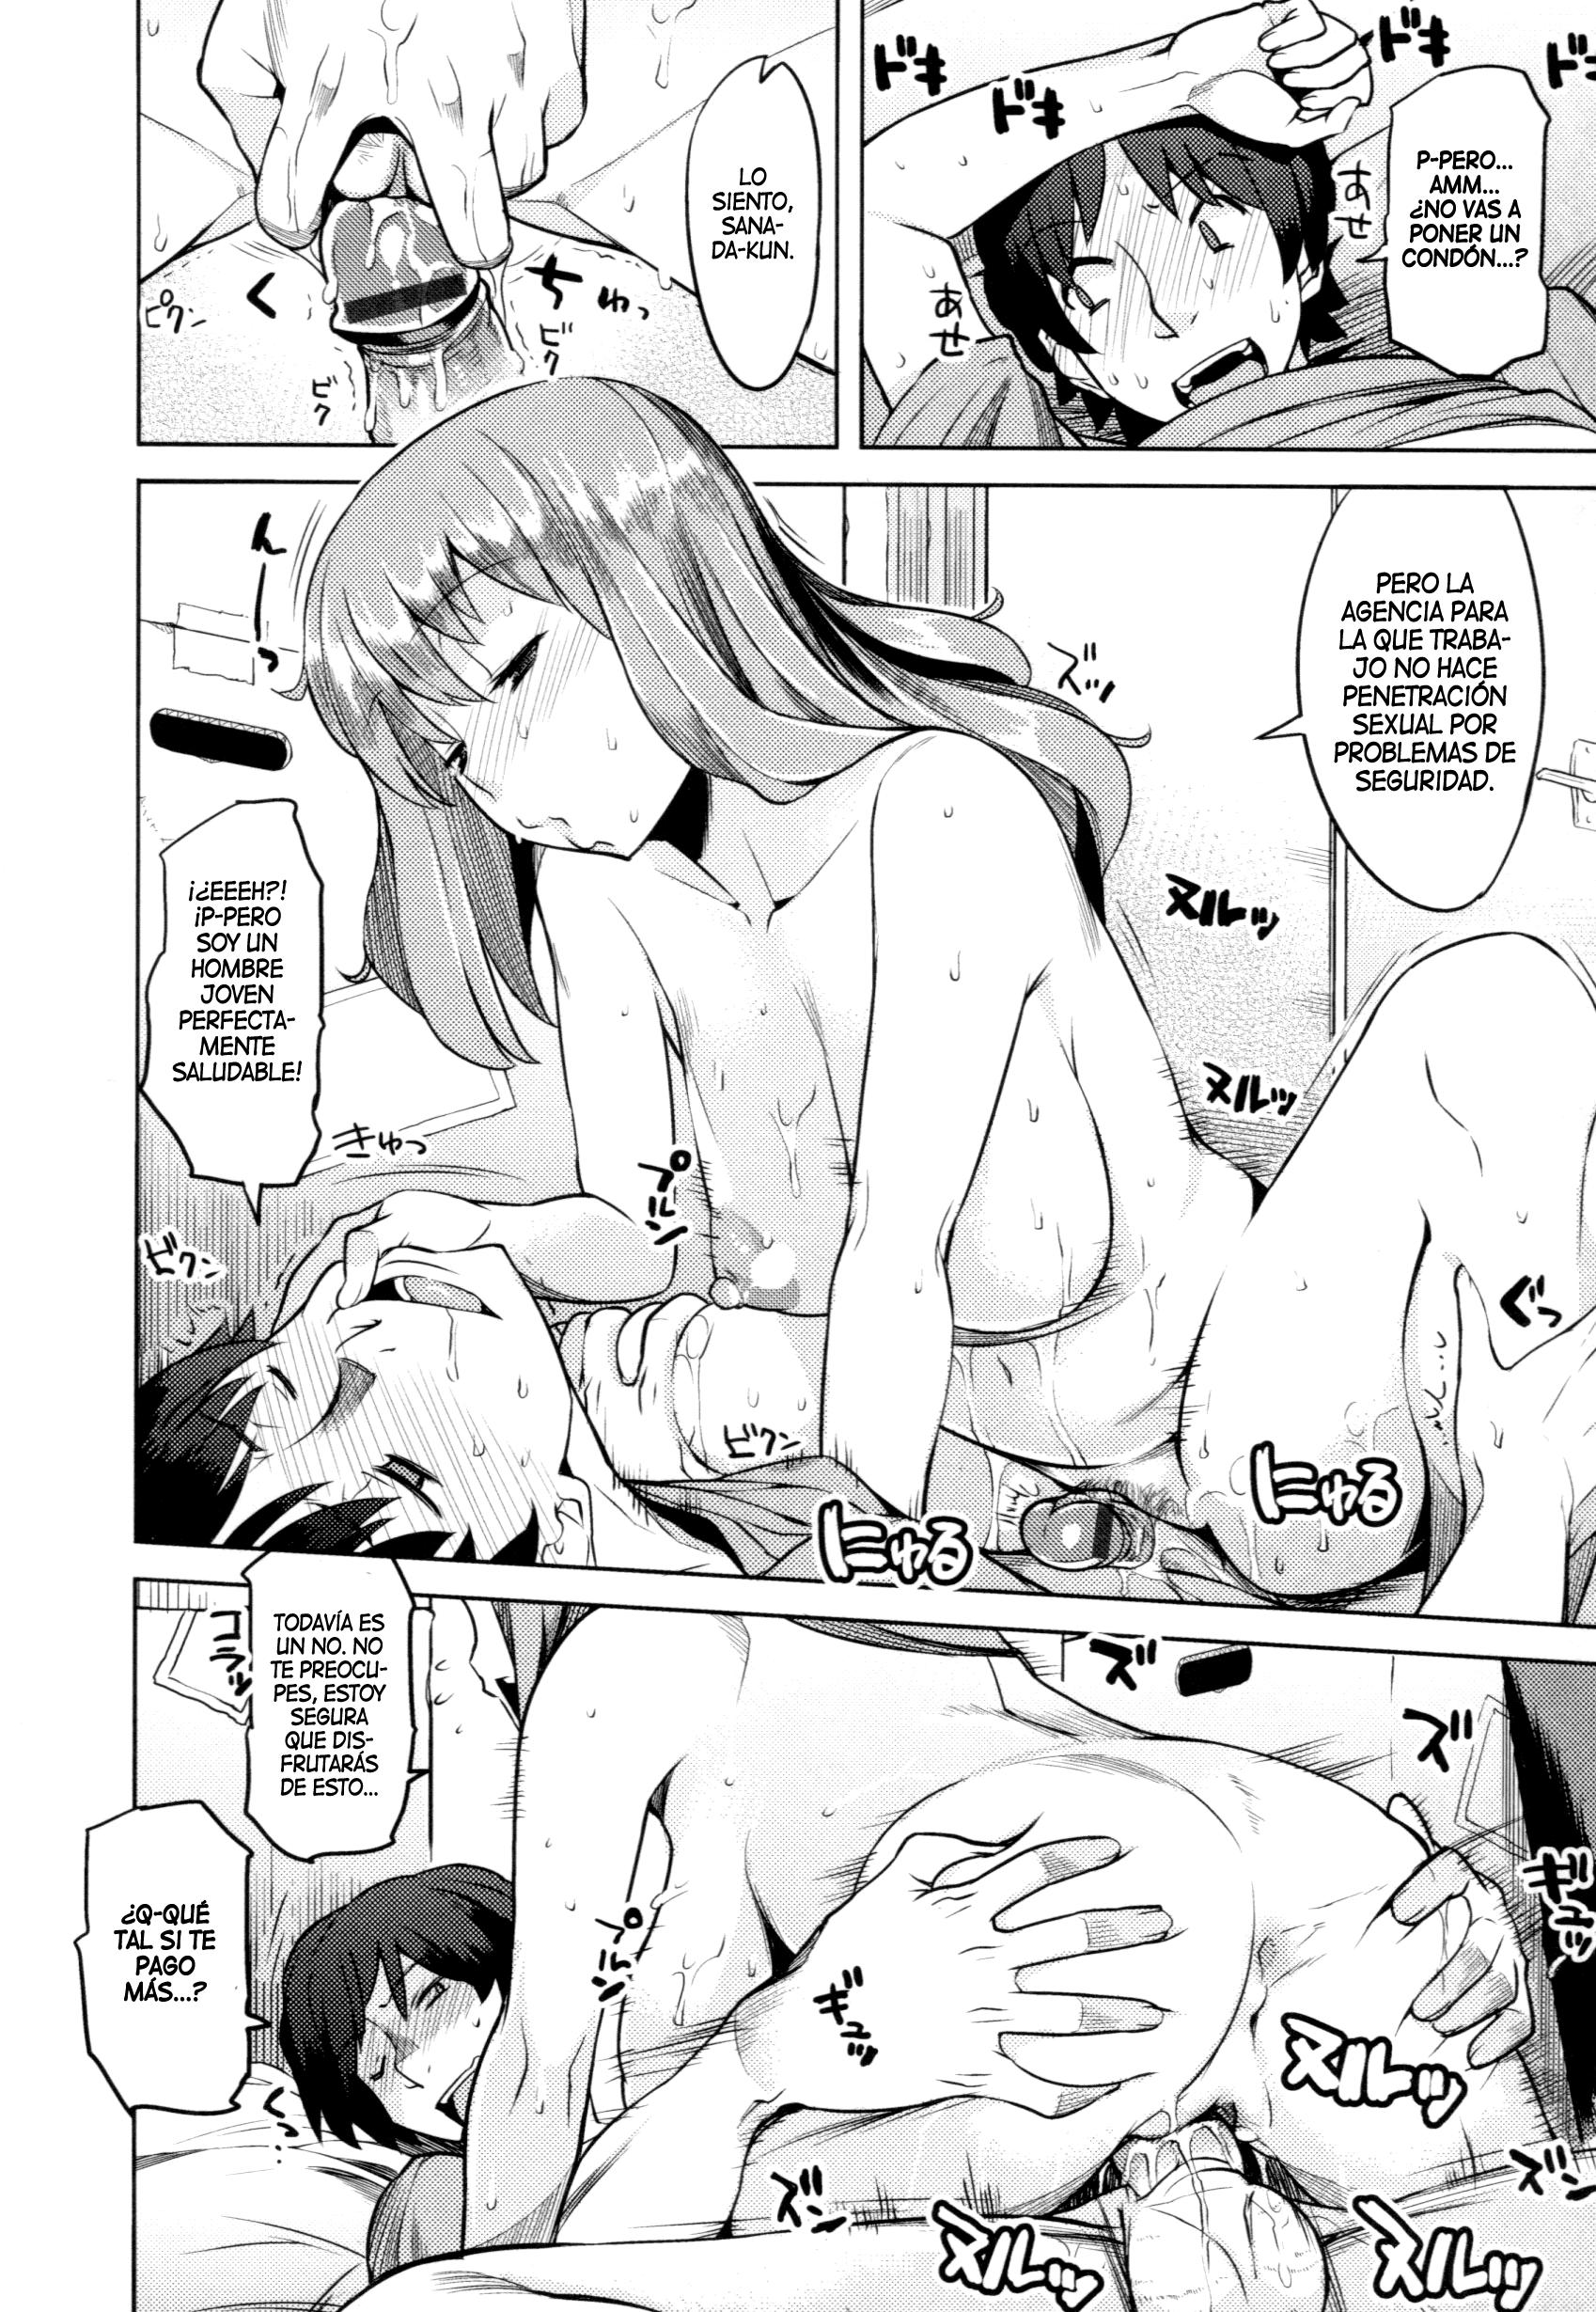 videos hentai call girl toulon